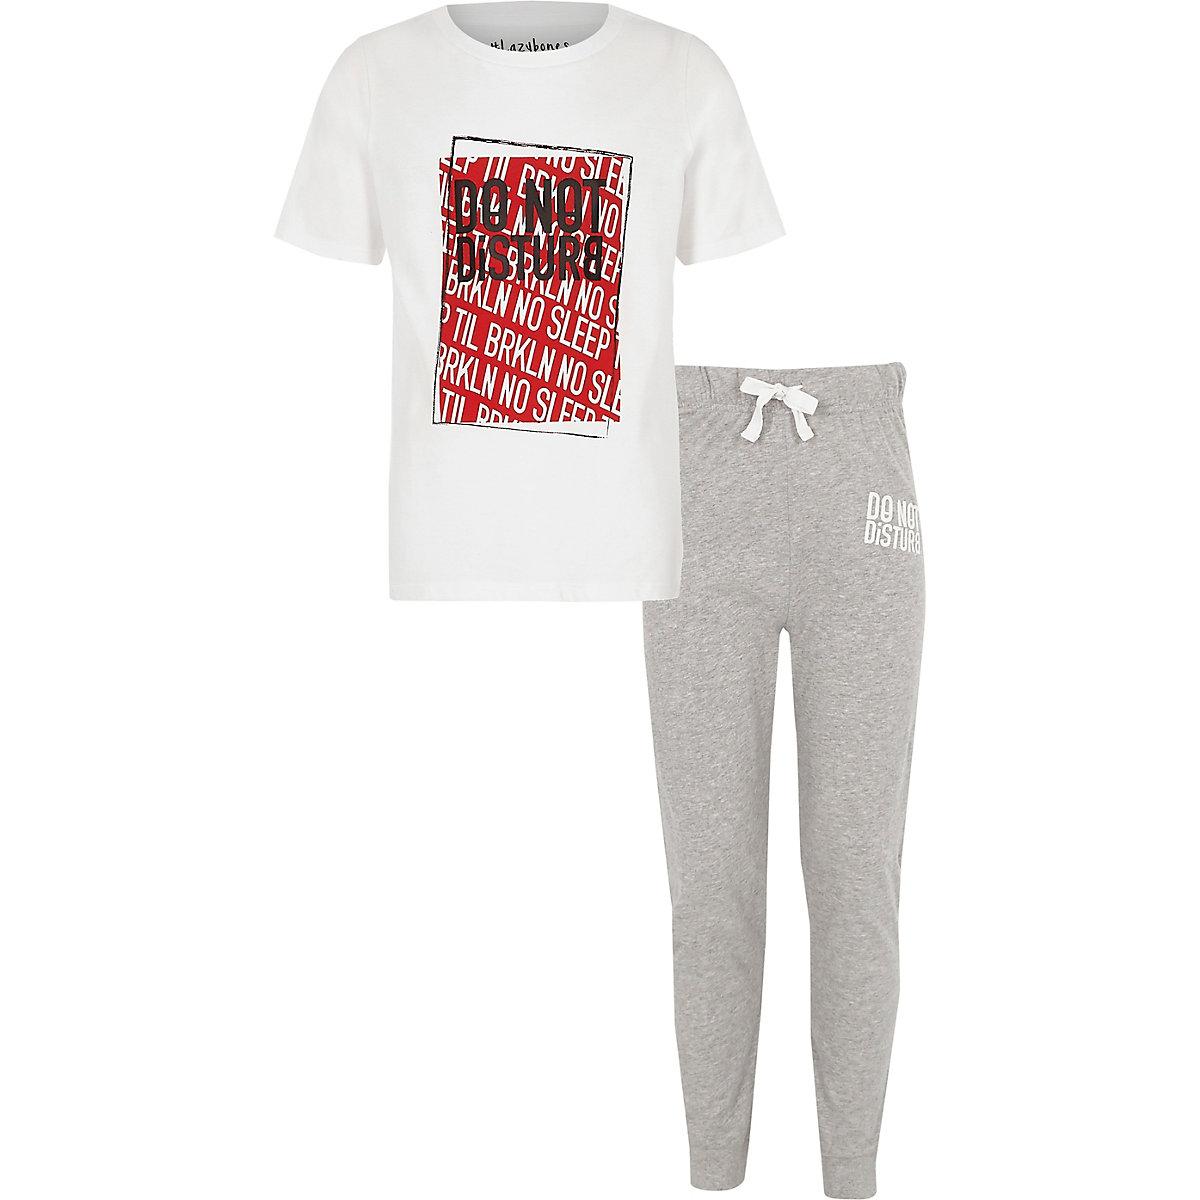 Boys white 'do not disturb' pajama set